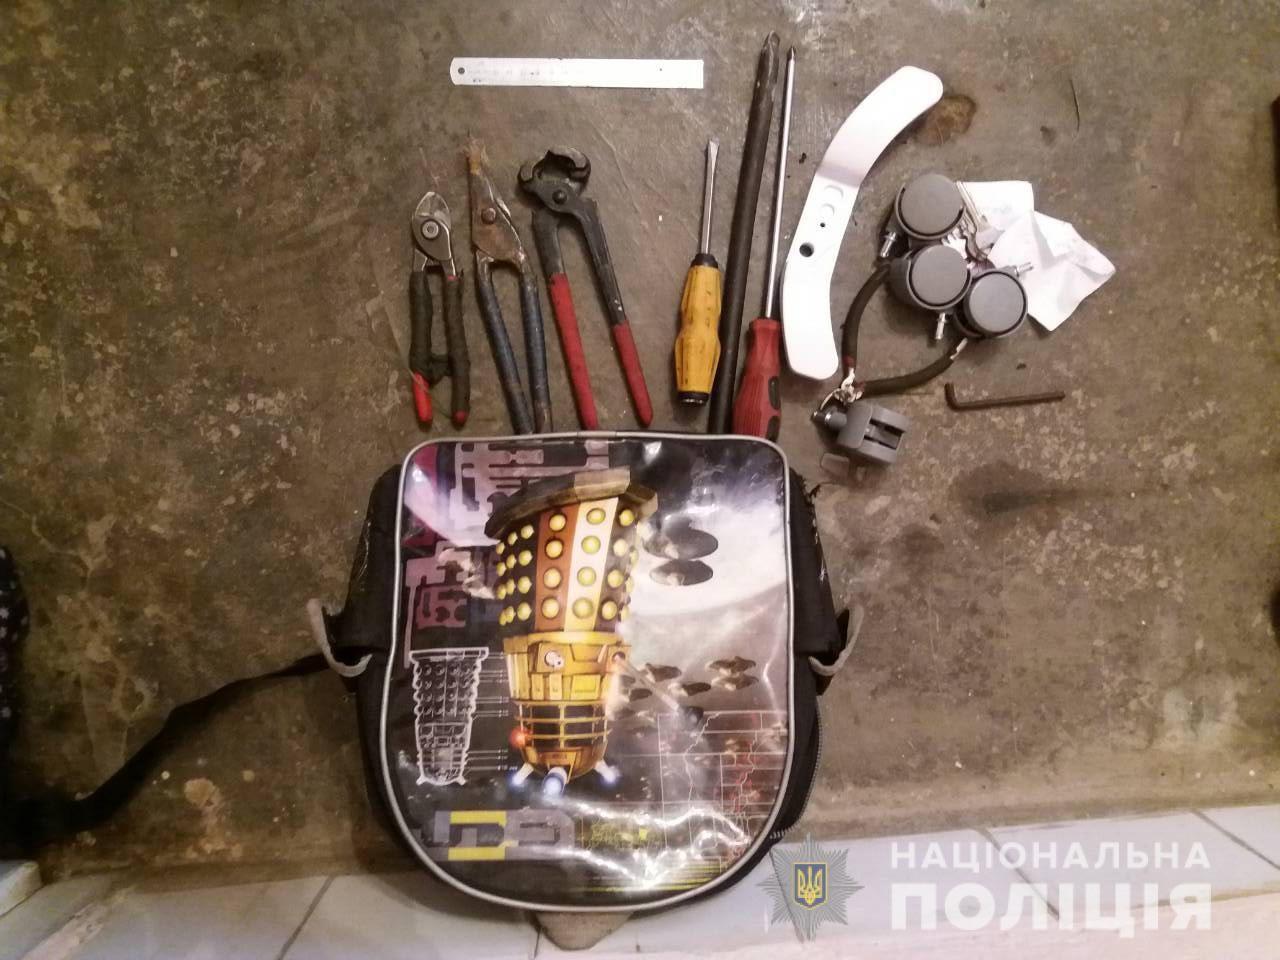 Закарпатські поліцейські розповіли про пограбування сільської ради у Нижньому Коропці, що на Мукачівщині